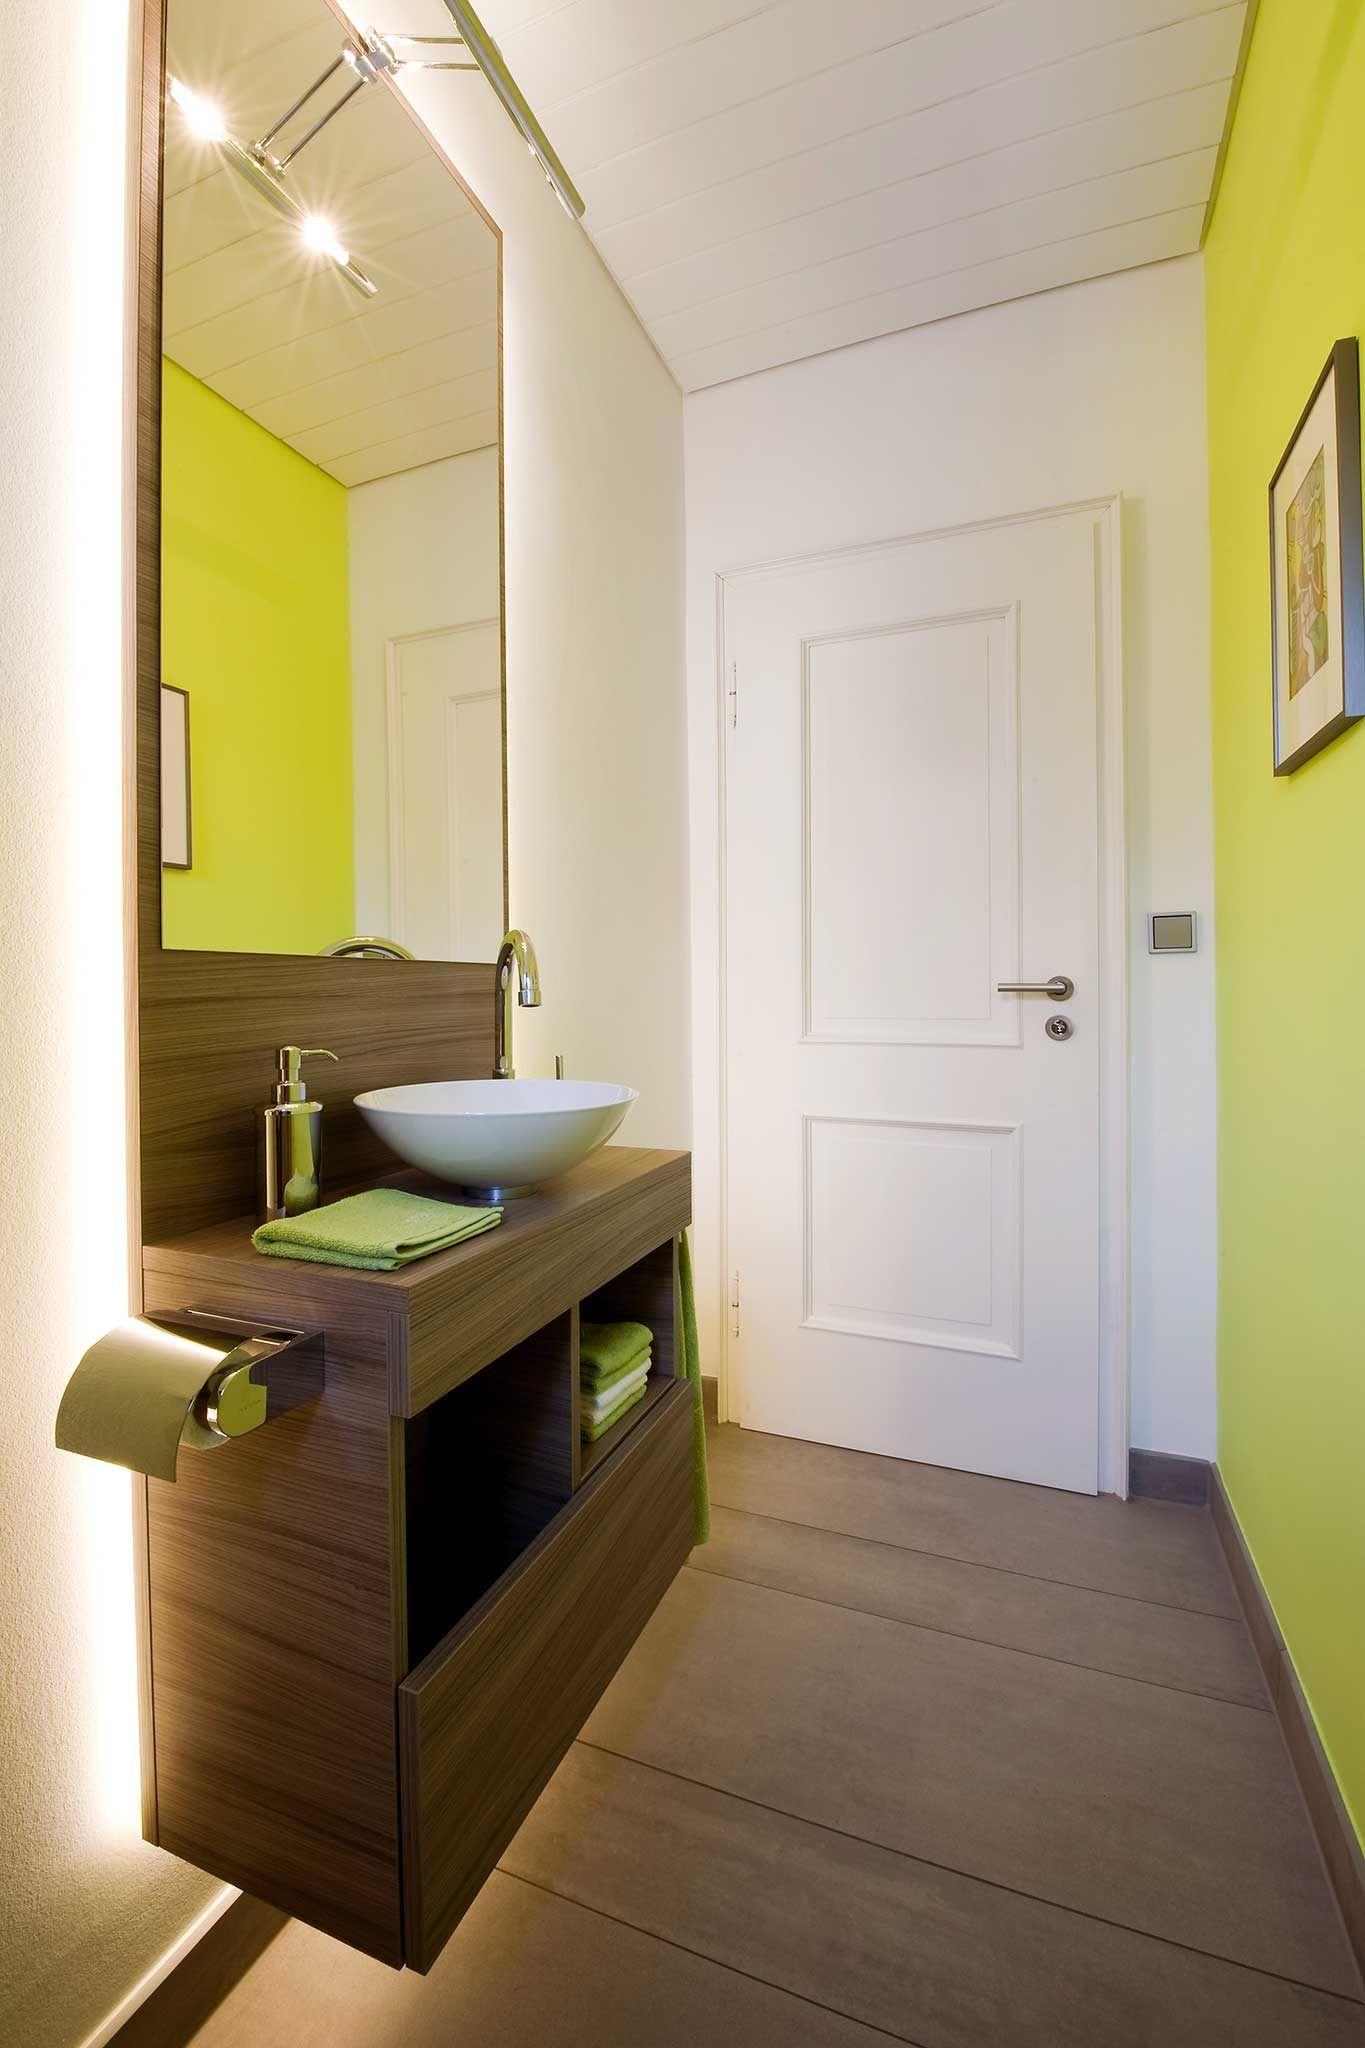 e5fa1b1d62a56319e820e605dd988760 Stilvolle Spiegel Mit Integrierter Beleuchtung Dekorationen